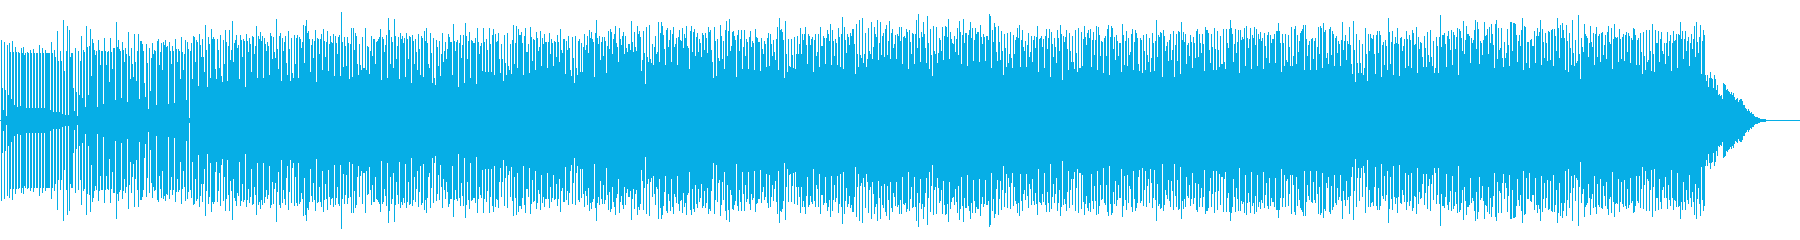 軽快で電脳的なアシッドテクノの再生済みの波形